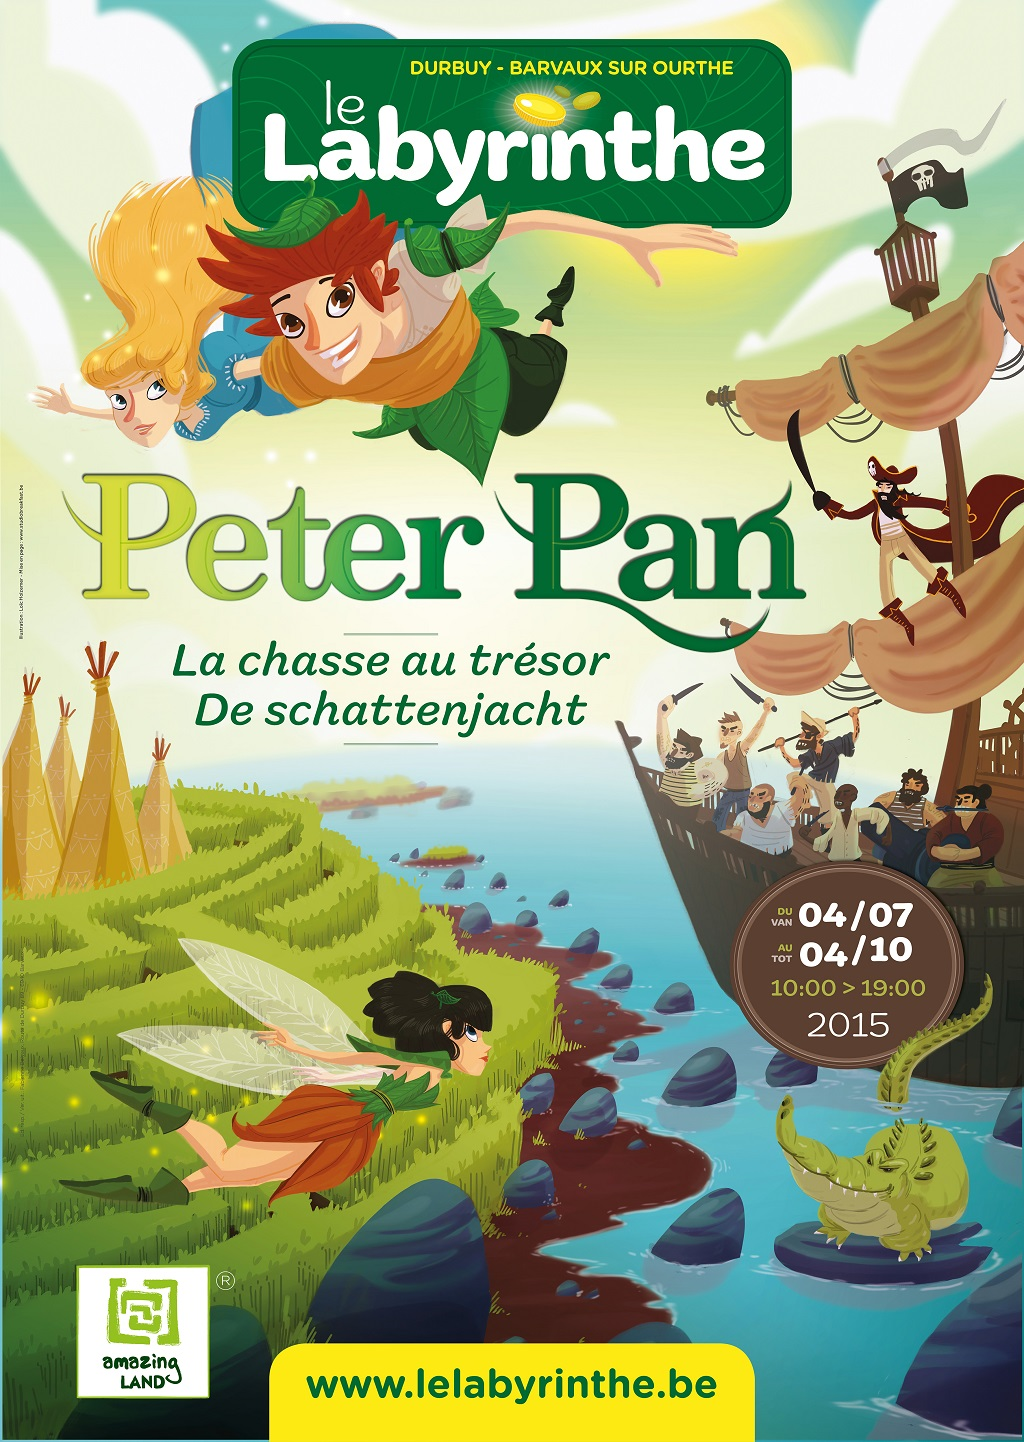 Barvaux :le labyrinthe accueille Peter Pan – Gagner  vos entrées  !